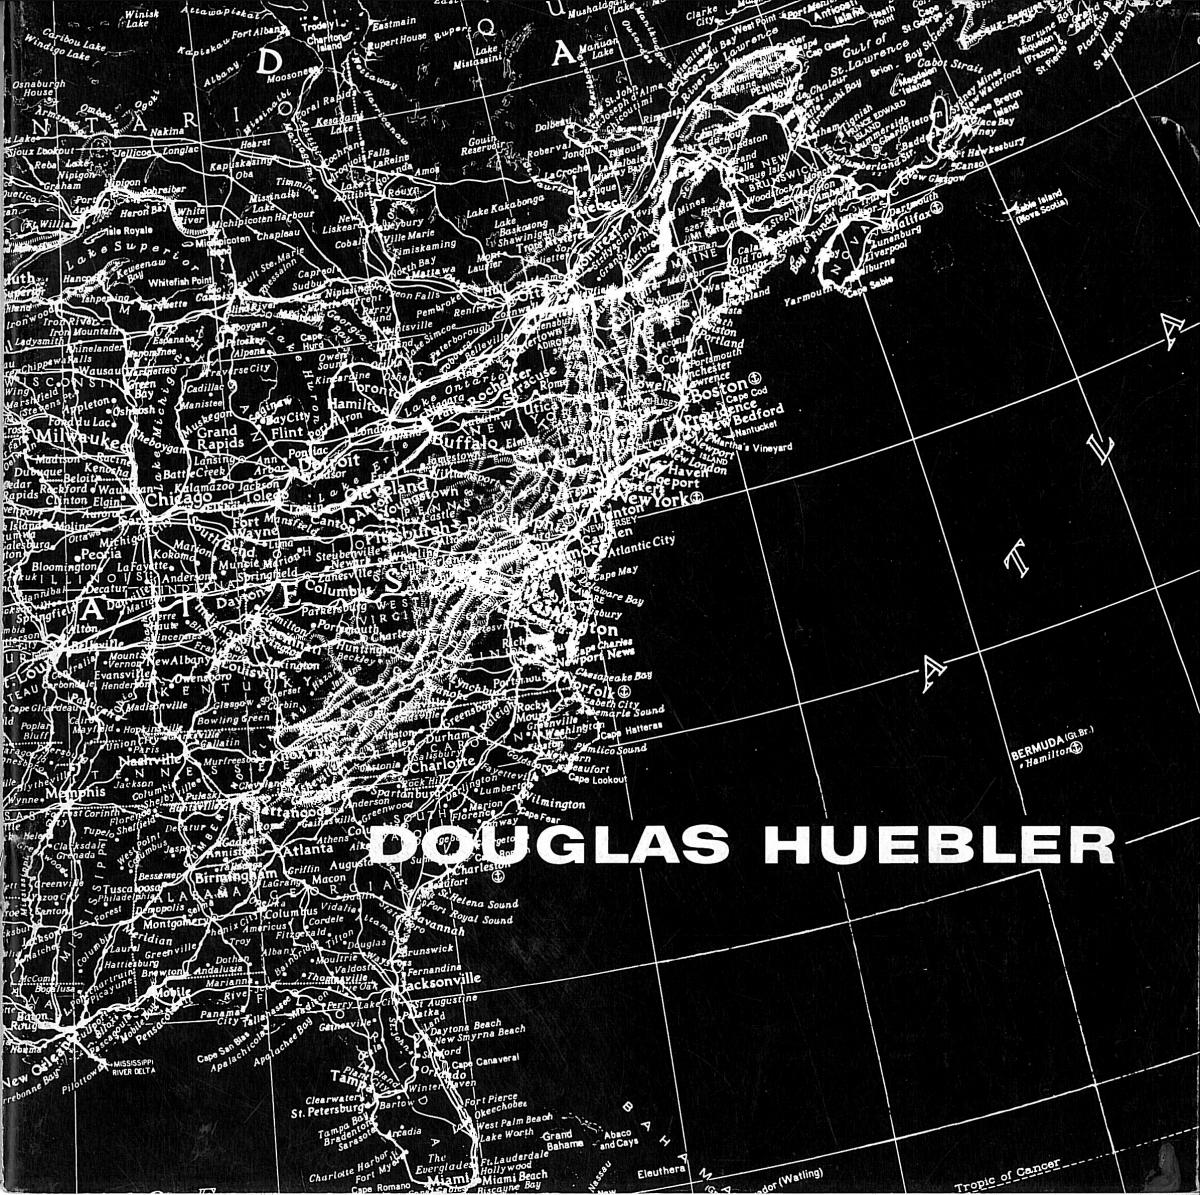 Der Katalog-als-Ausstellung: Douglas Huebler. November 1968 (Zusammenfassung Masterarbeit 2017)